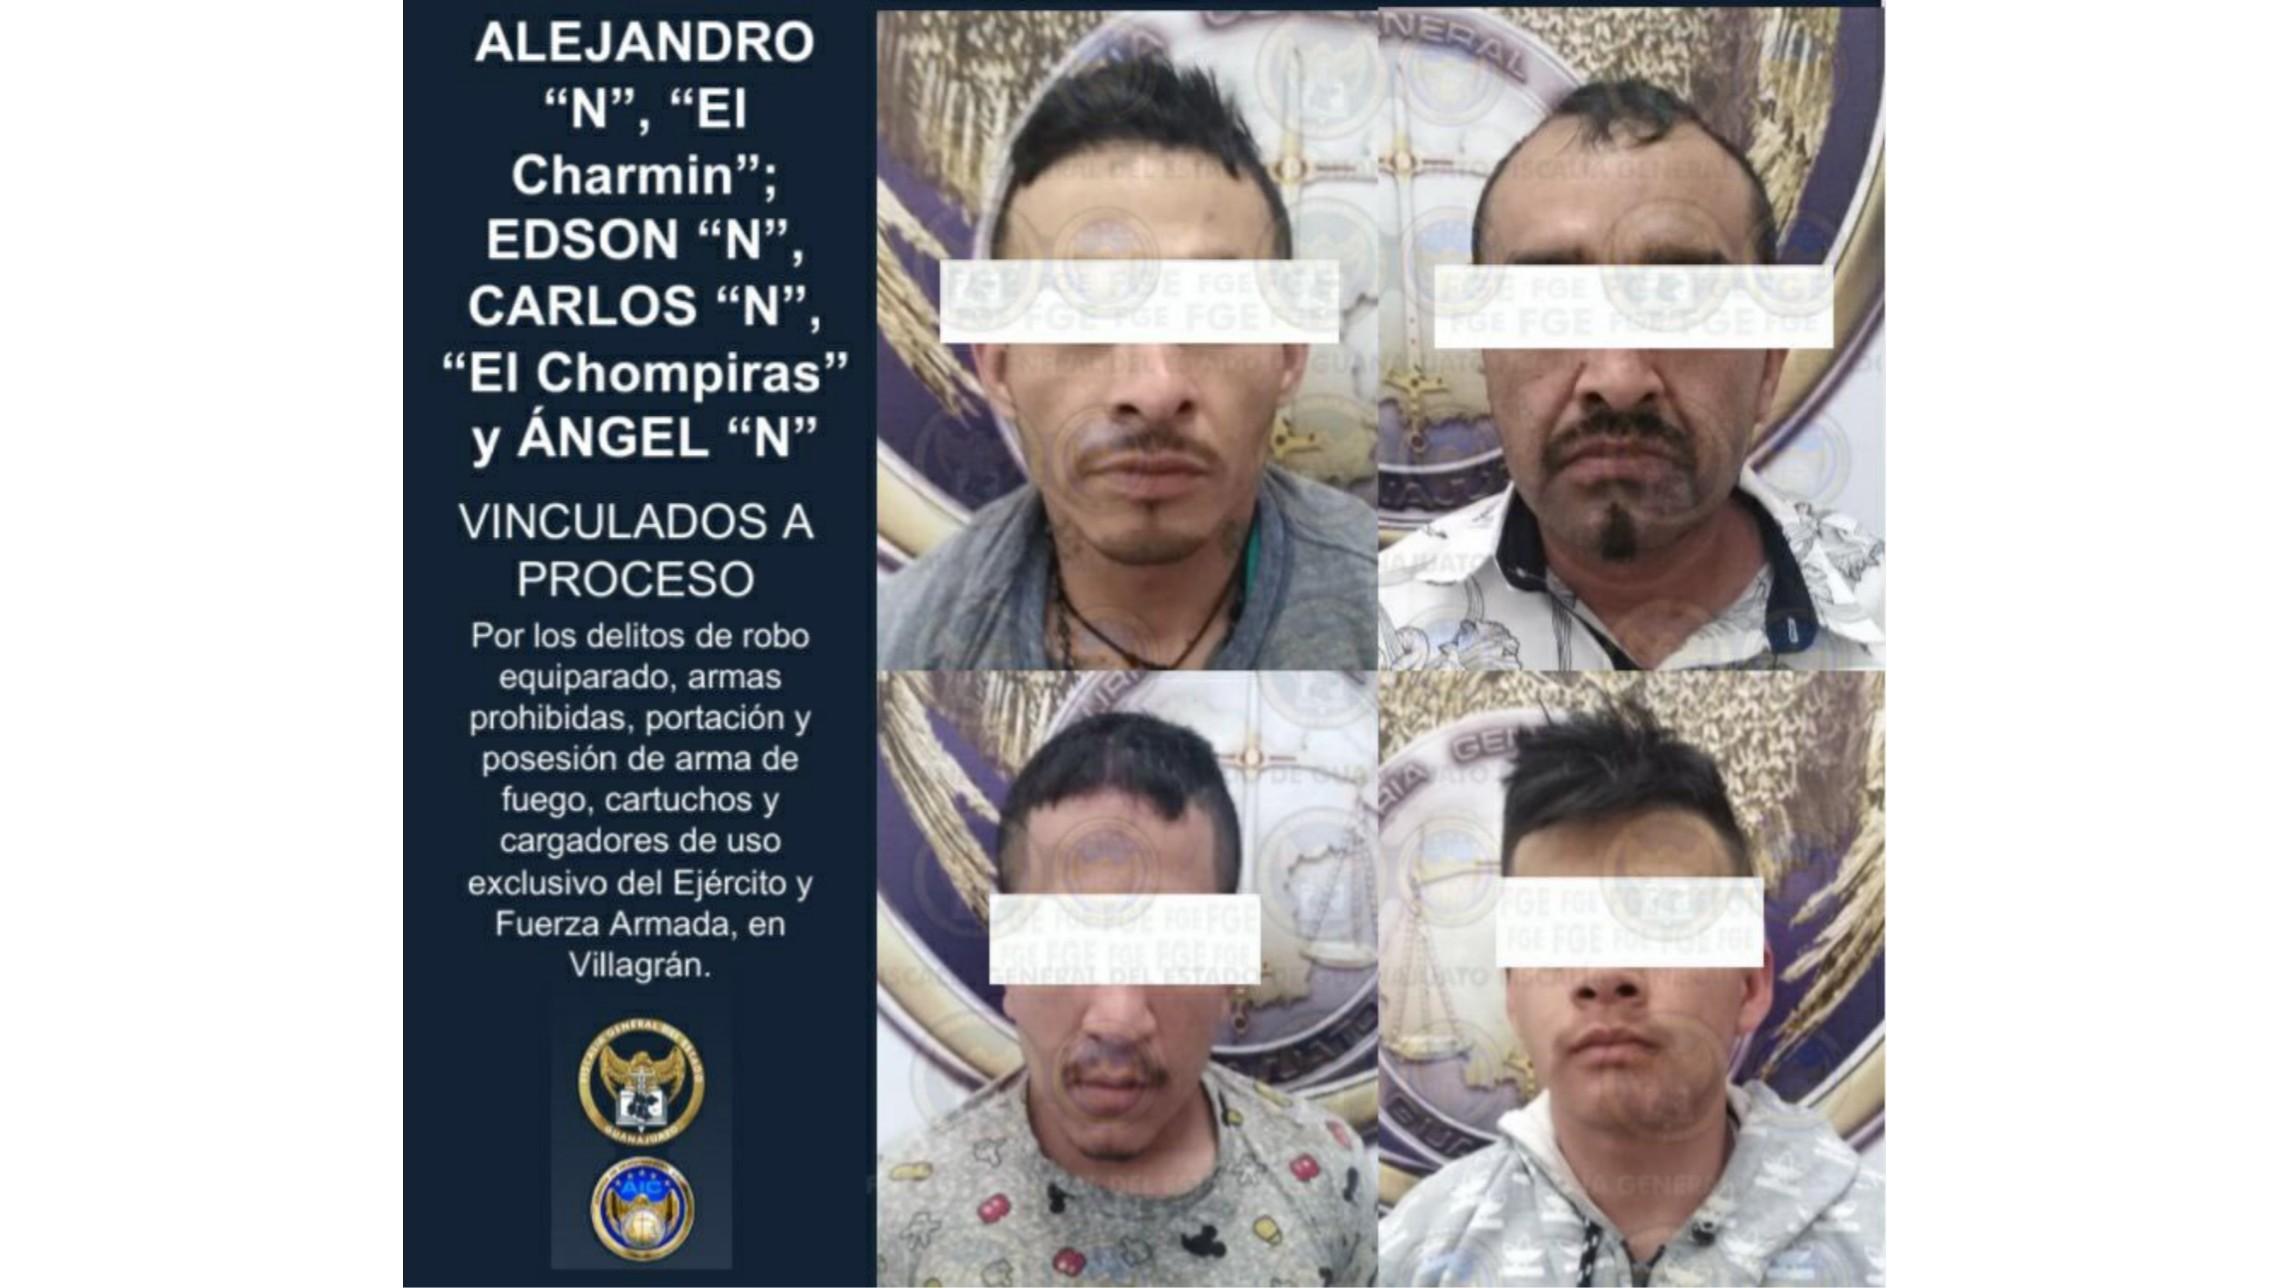 Prisión preventiva y vinculación a proceso en contra de cuatro sujetos por robo equiparado, armas prohibidas y droga. 4